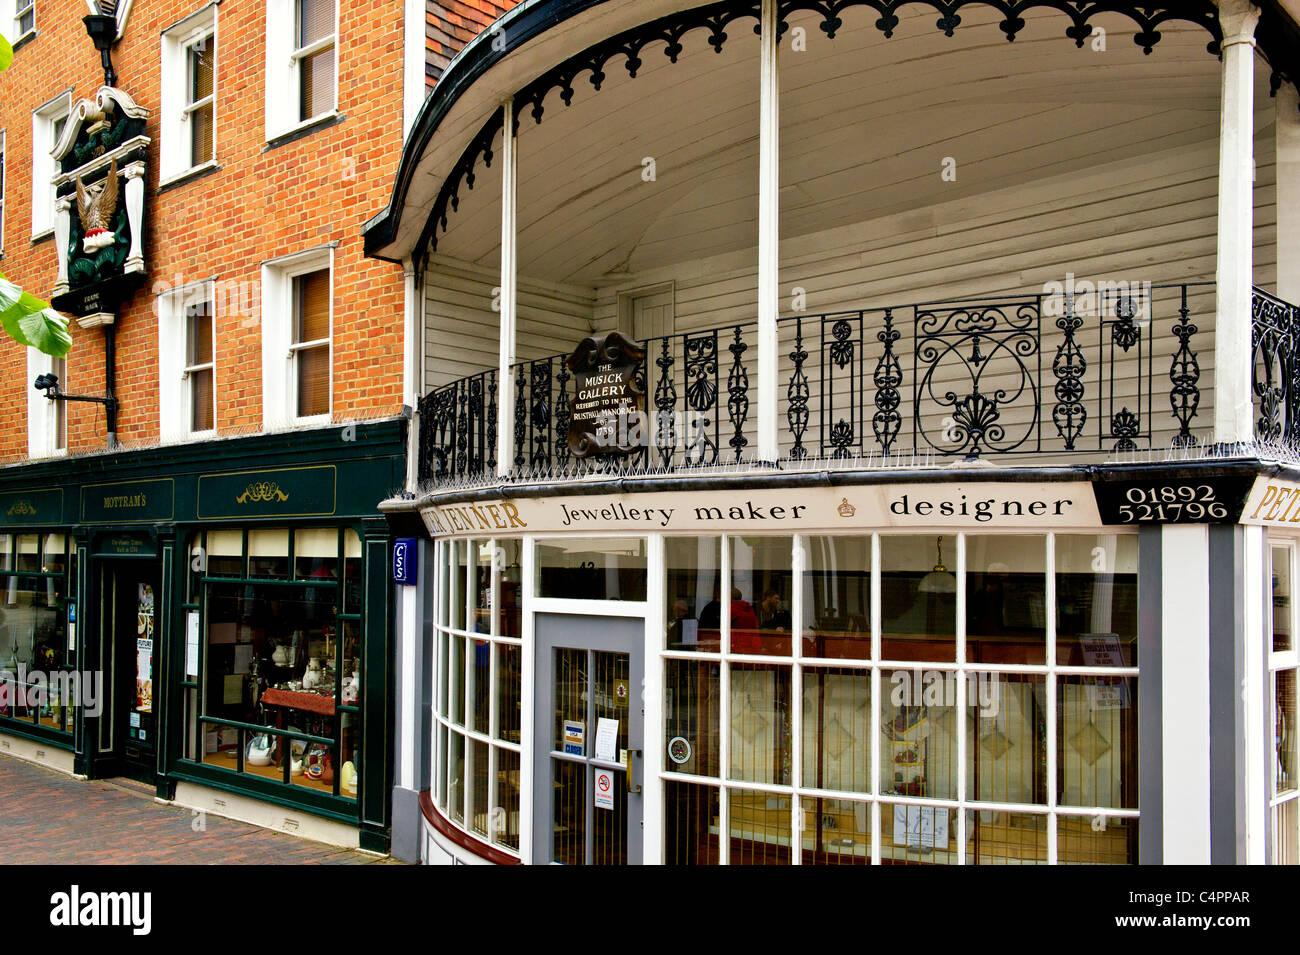 Royal Tunbridge Wells, Pantiles - eine touristische Attraktion Stockbild